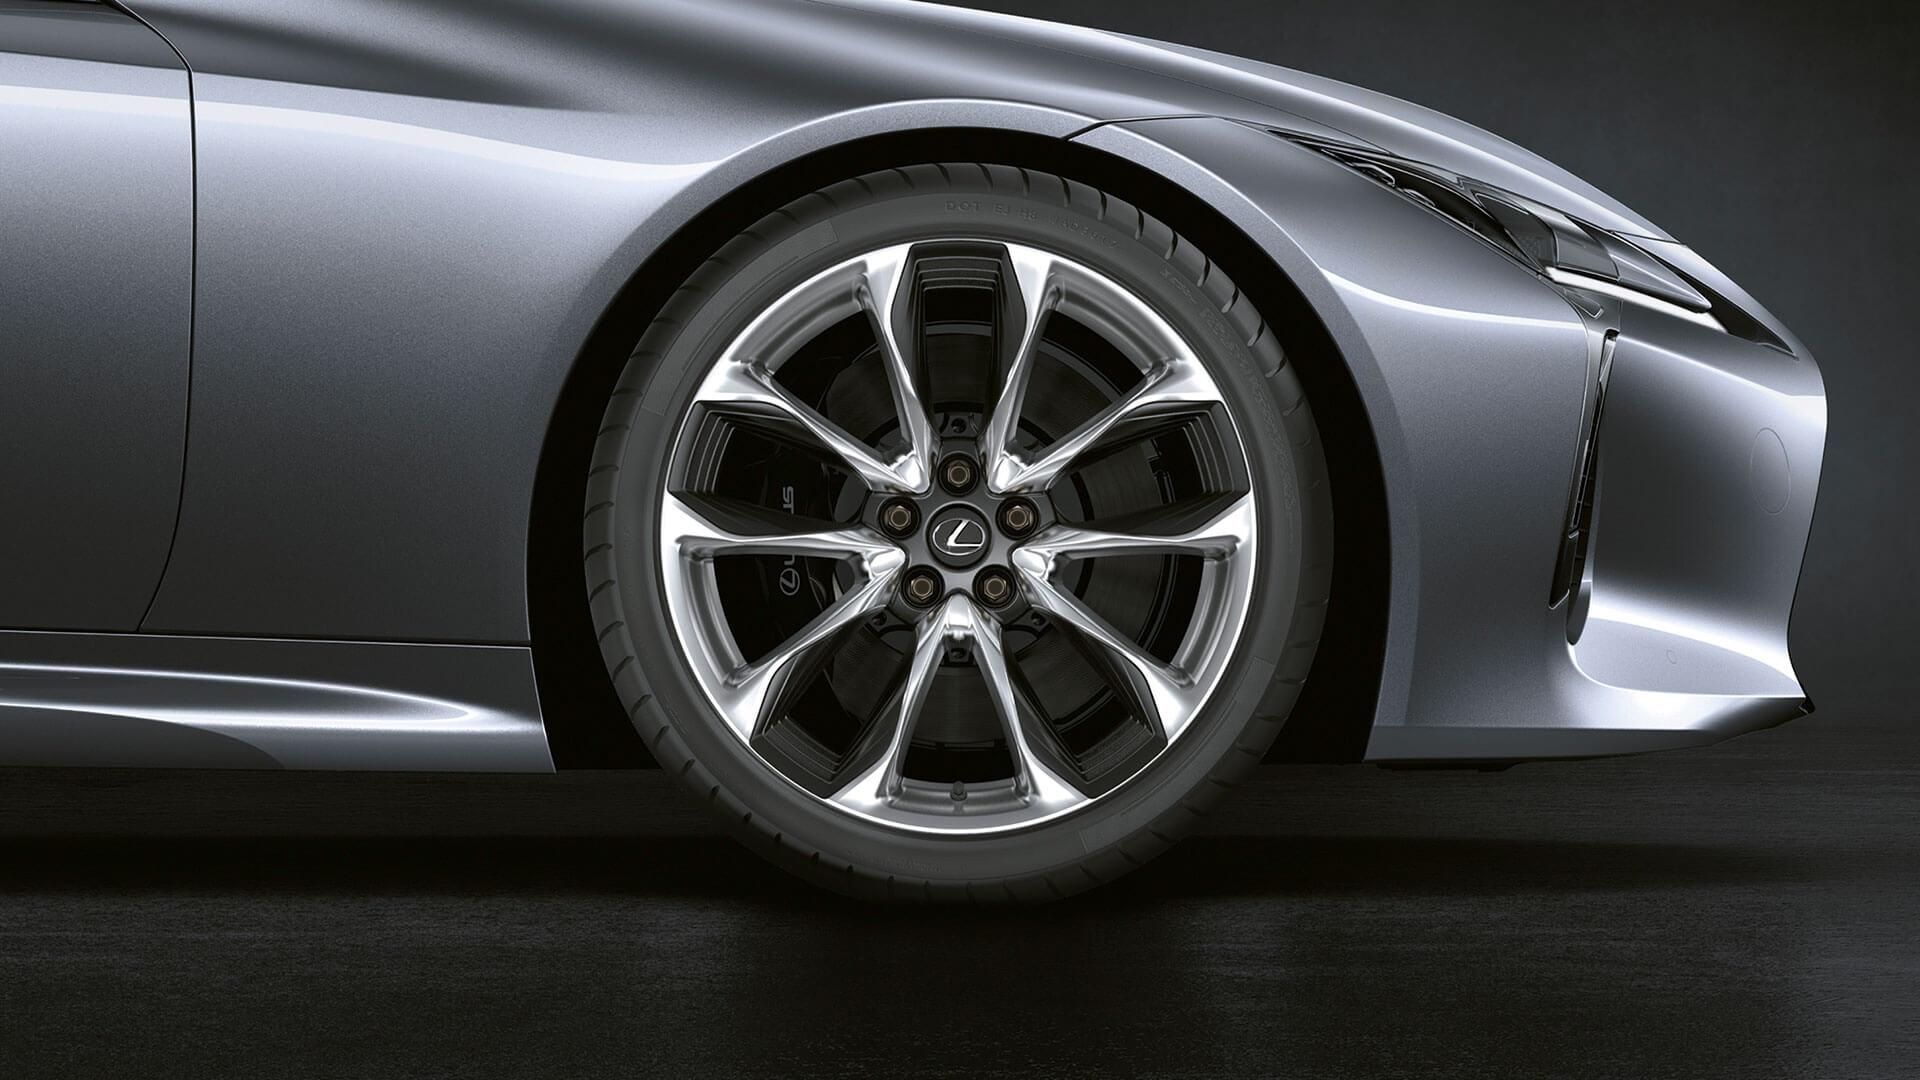 2017 lexus lc 500h features alloy wheels